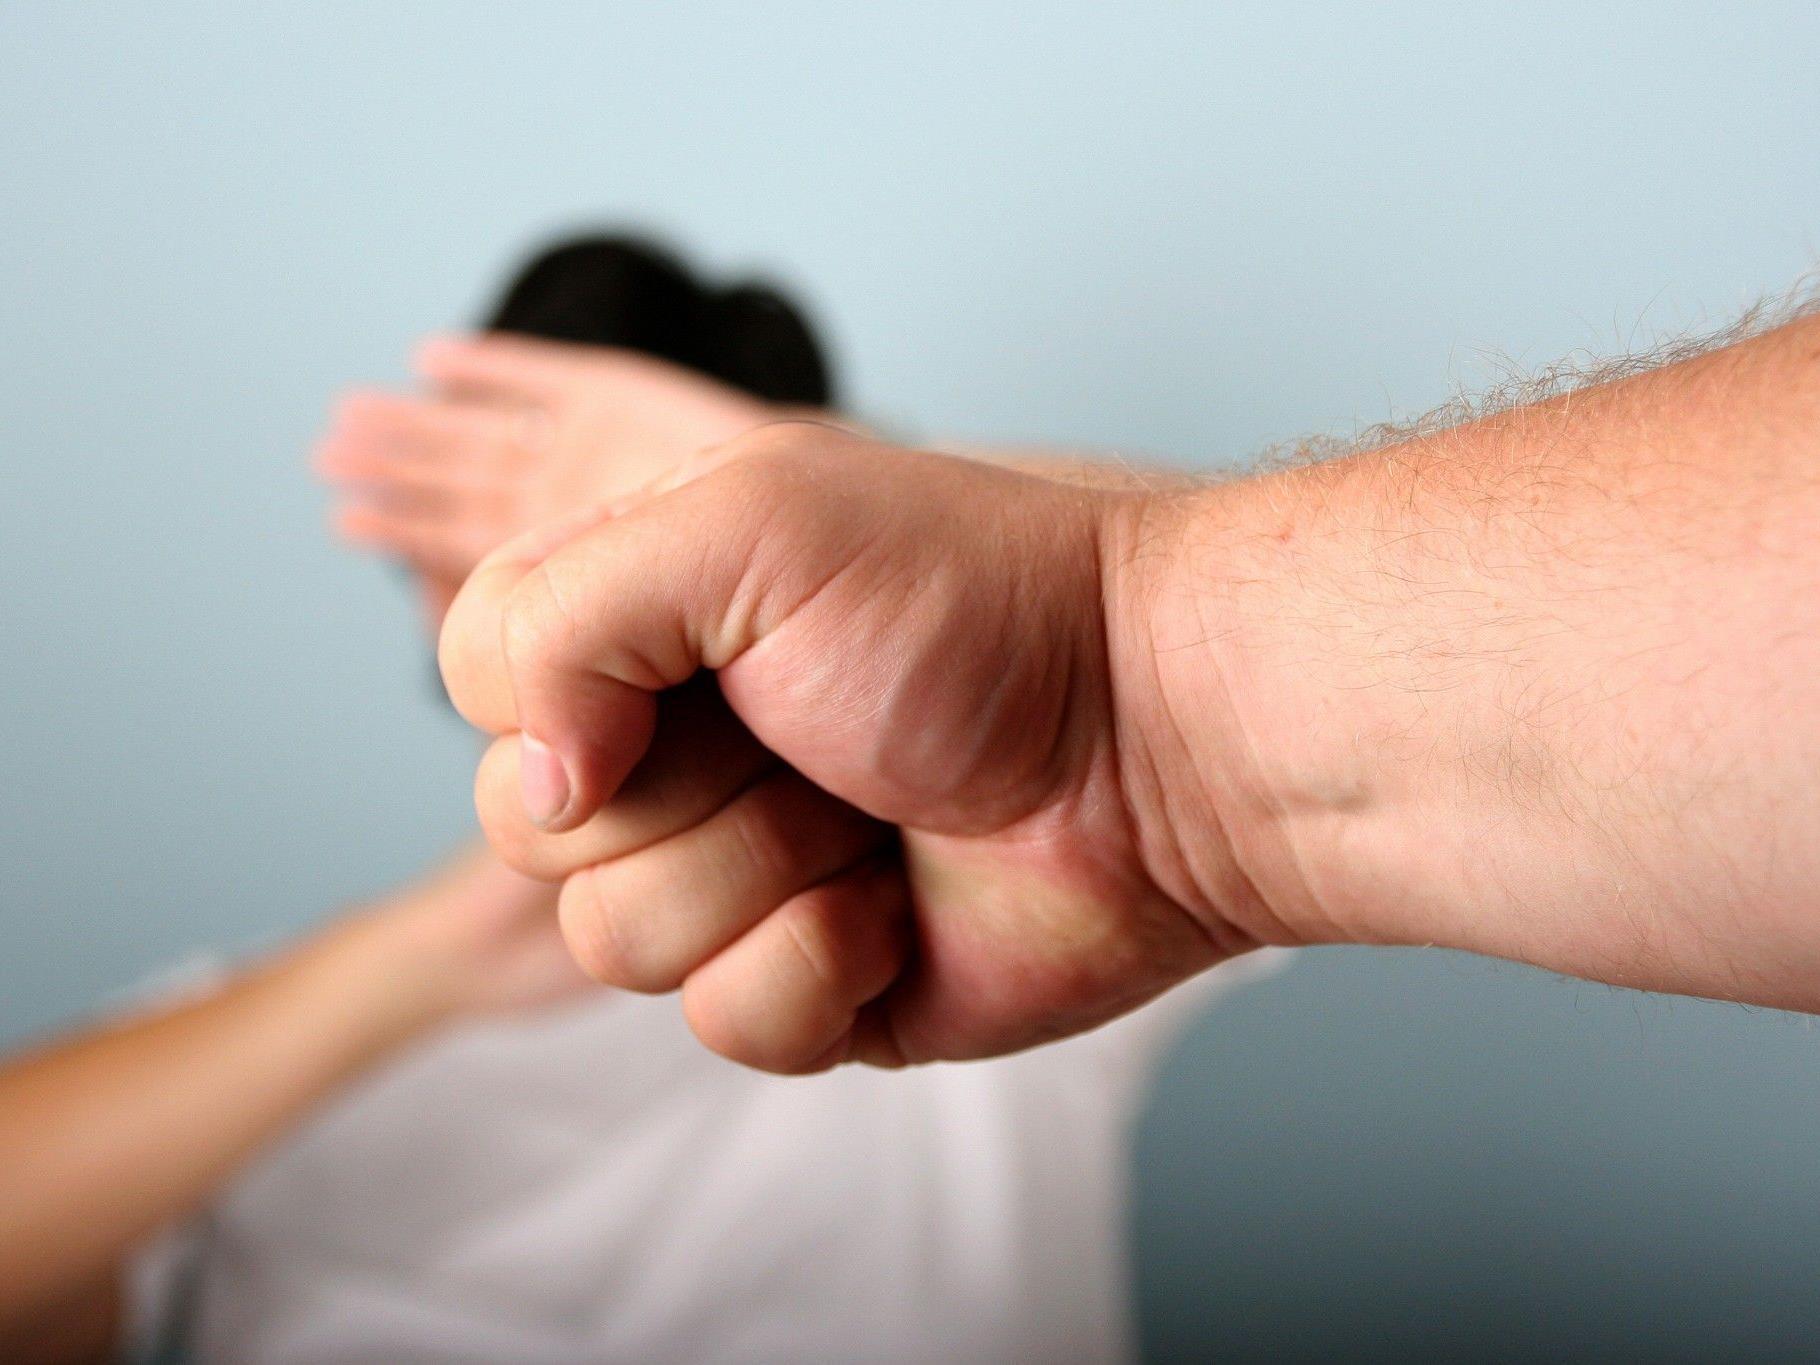 Vater räumte ein, dass er seine Tochter mit der Faust geschlagen hat.